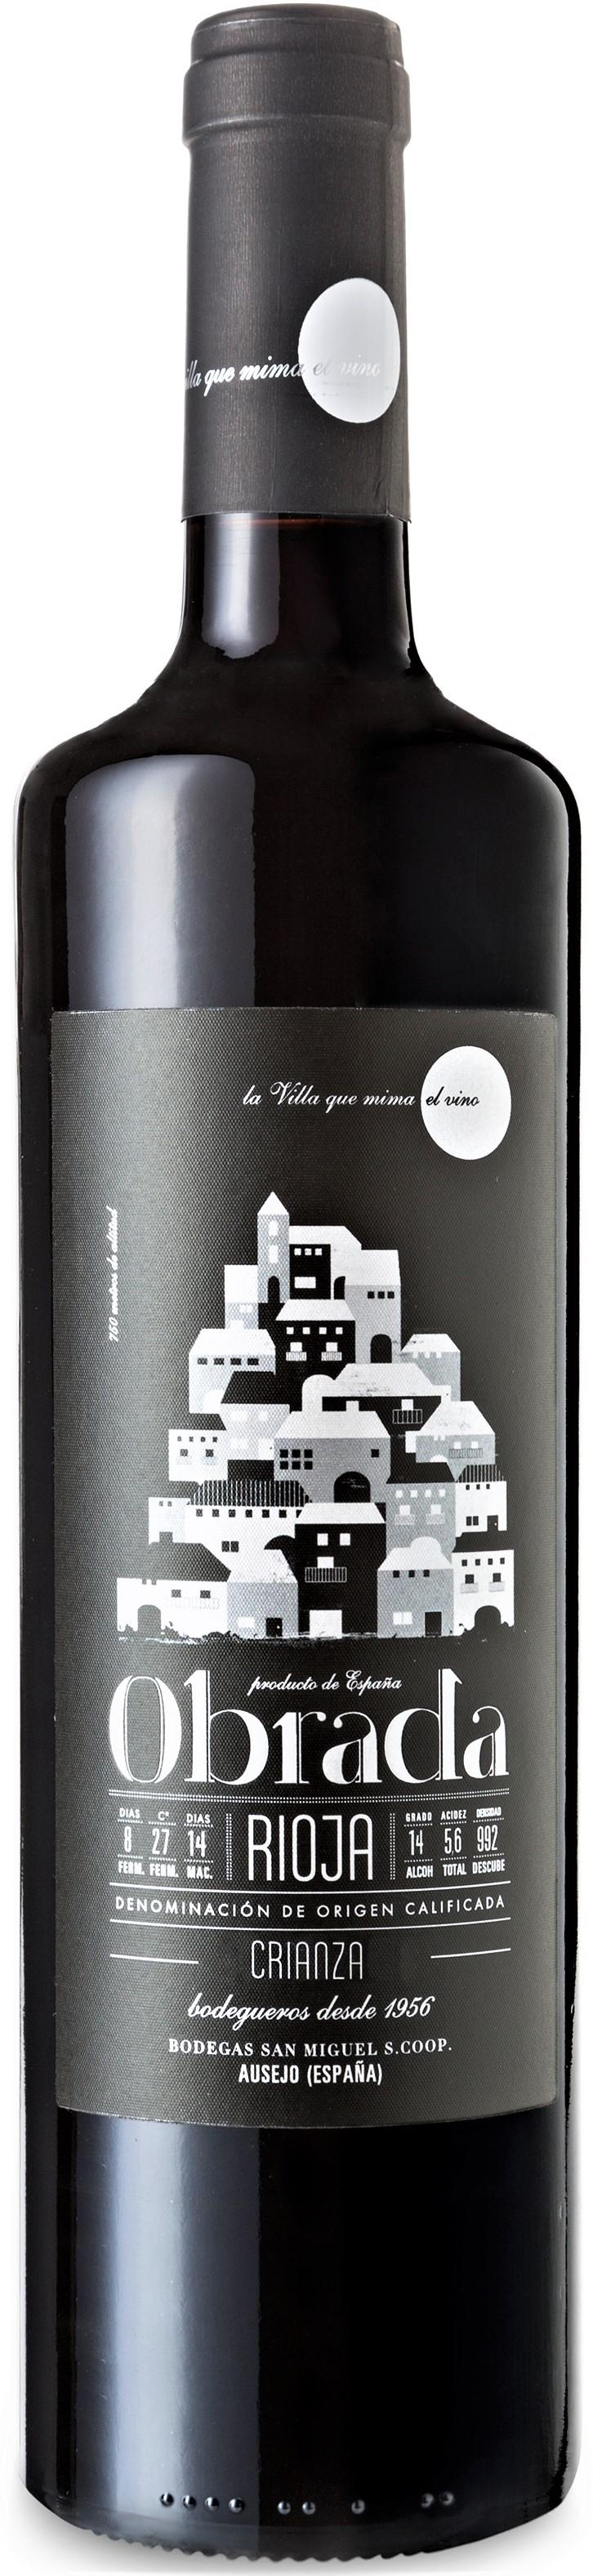 Caudalia wine Box octubre 2018 España